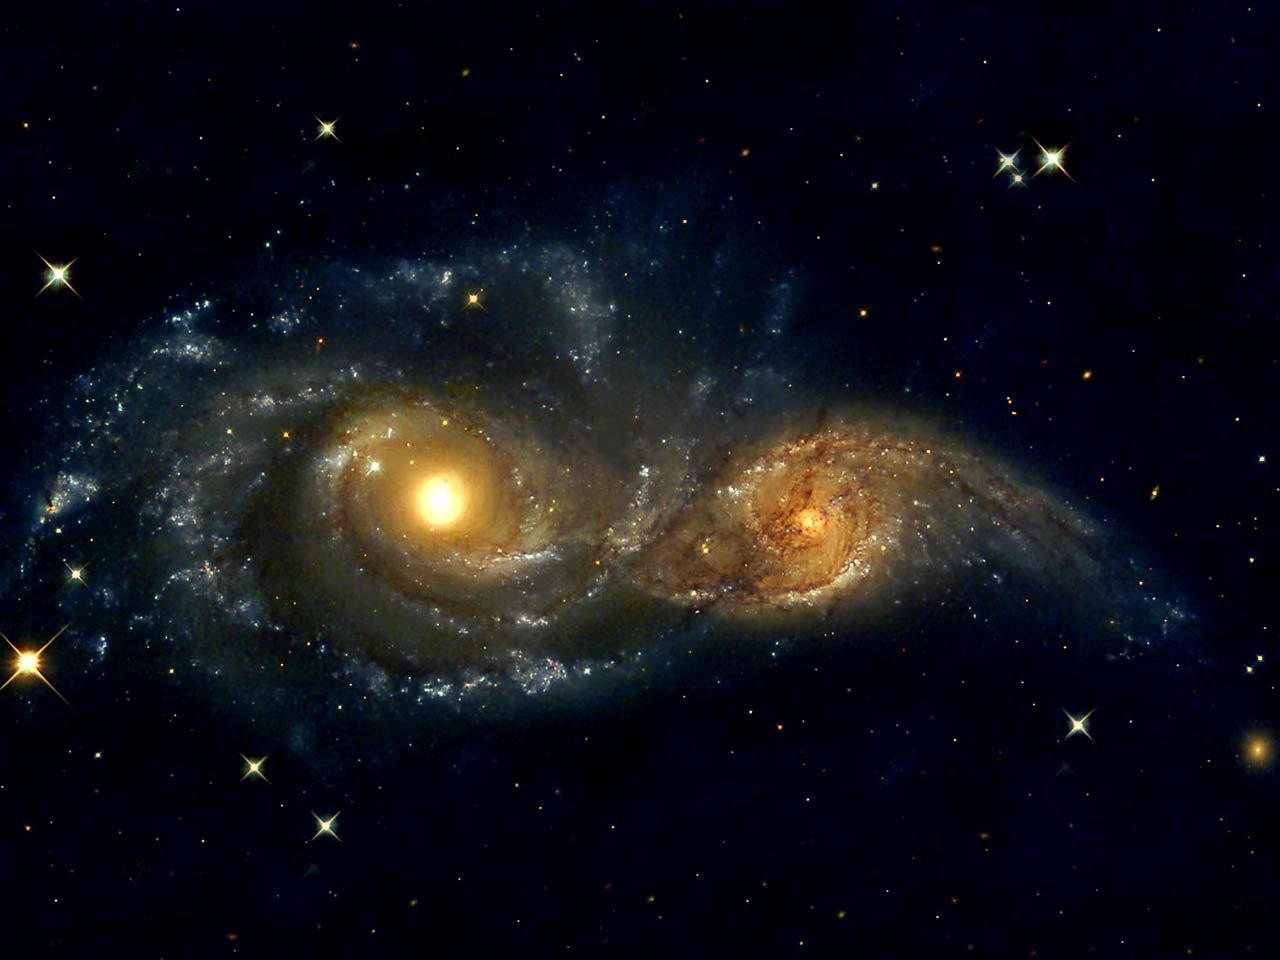 Хаббл получил изображение галактик впроцессе слияния